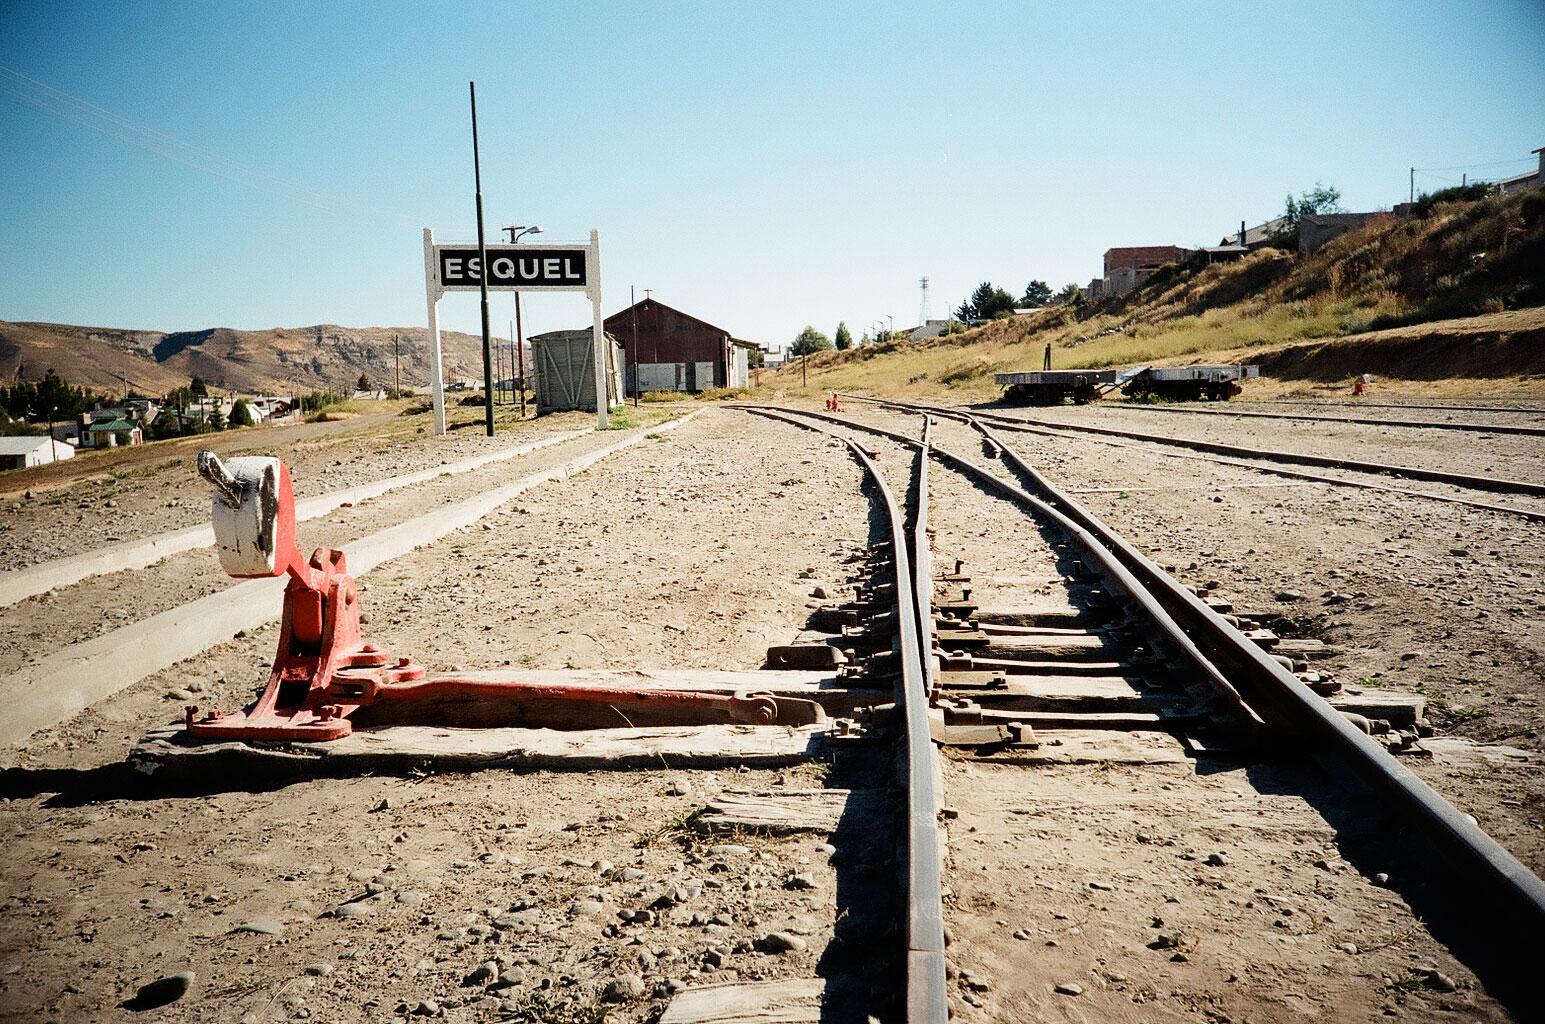 """An der Endstation des legendären, von Paul Theroux beschriebenen """"Old Patagonian Express"""", der Eisenbahn """"La Trochita"""" zwischen El Maitén und Esquel. Foto: Lothar Ruttner"""